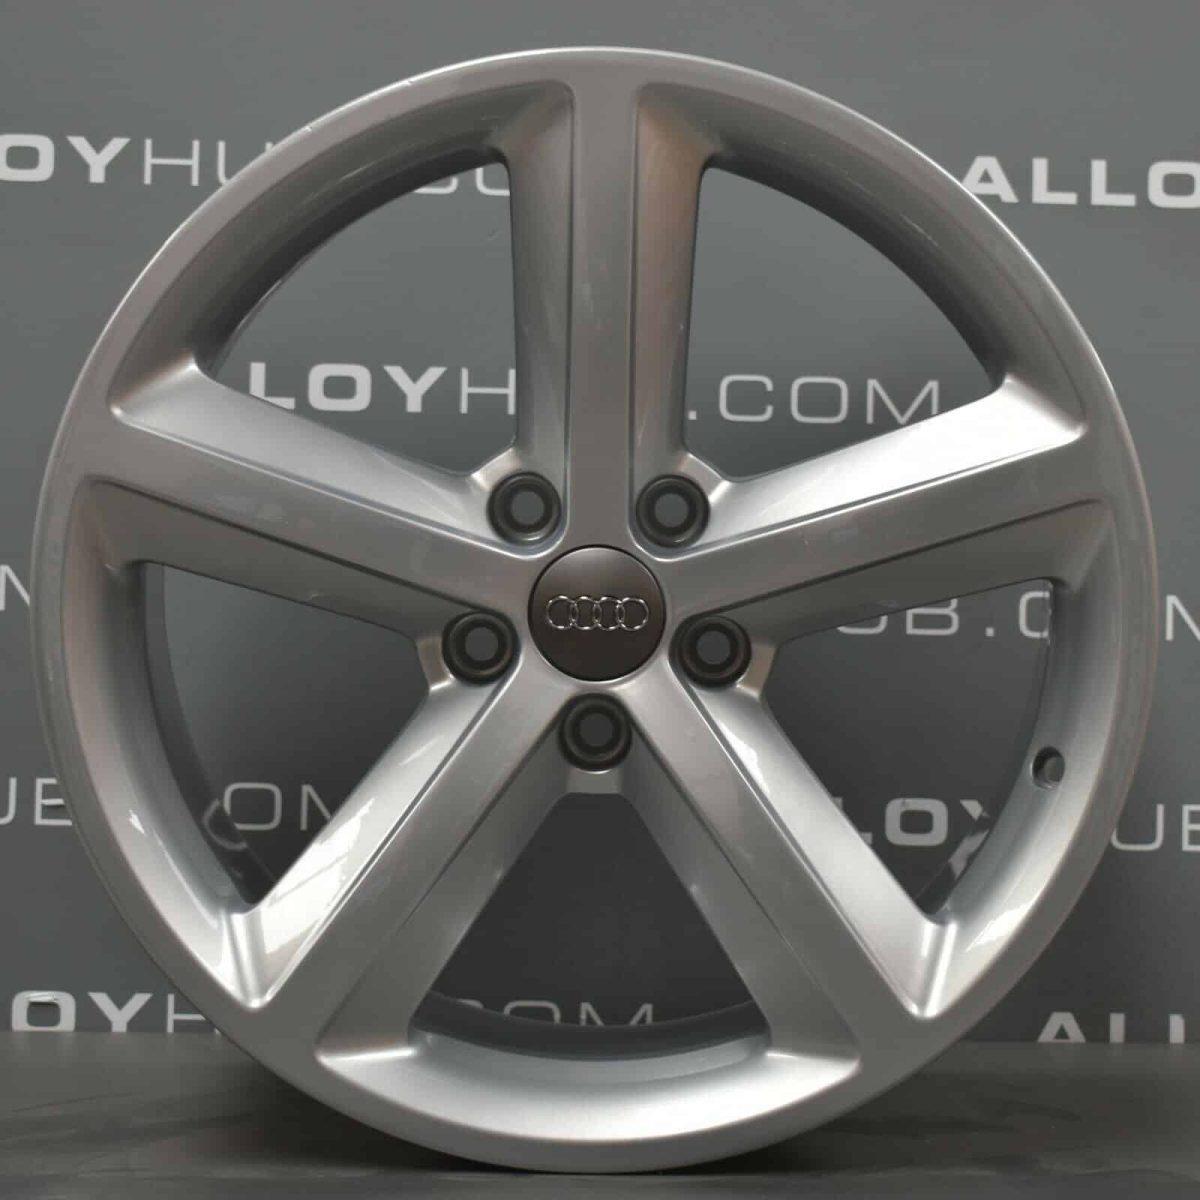 """Genuine Audi TT TTS MK2 8J 5 Spoke 18"""" Inch Alloy Wheels with Silver Finish 8J0 601 025 M"""